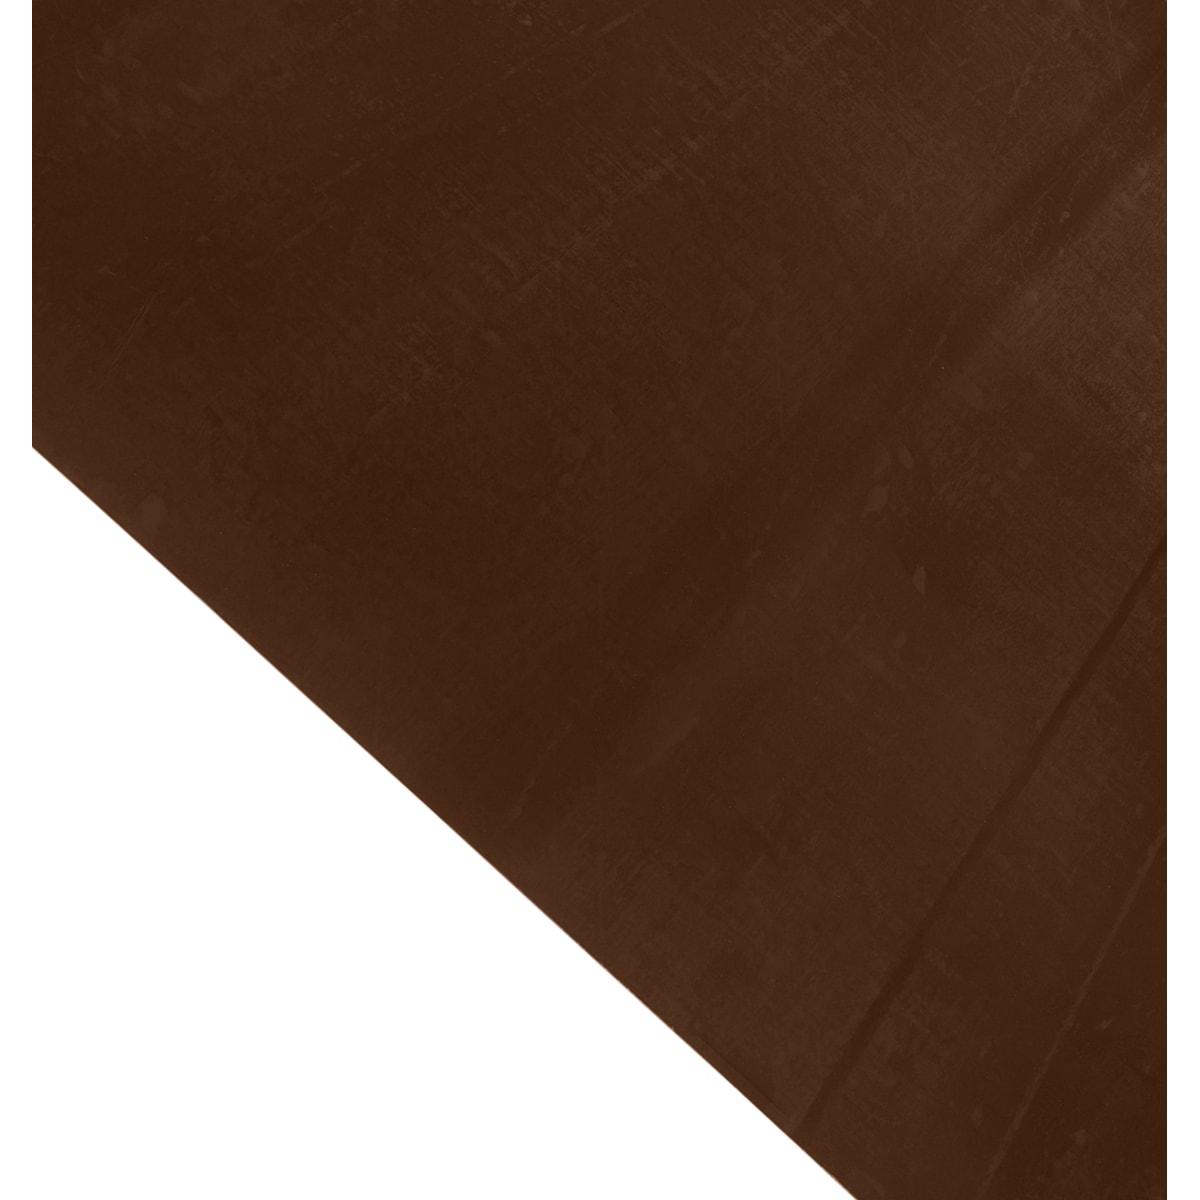 Лист гладкий 1250х2000 мм коричневый RAL 8017